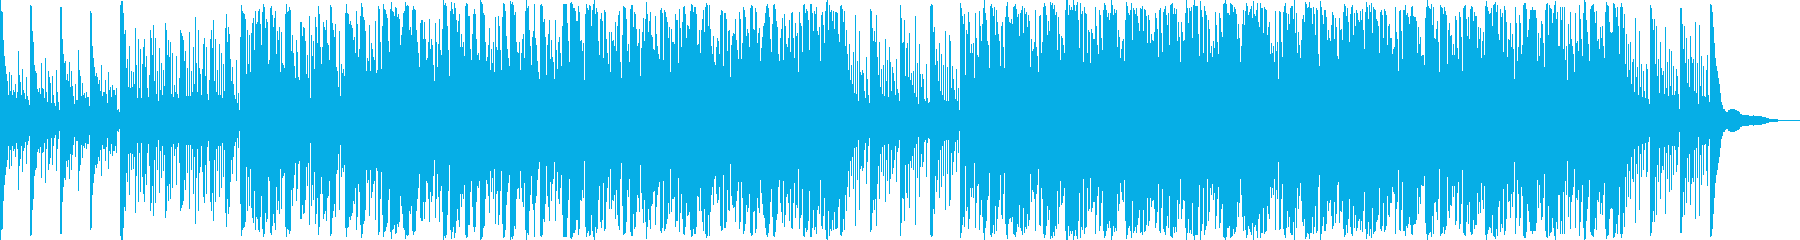 動画 サスペンス 技術的な 説明的...の再生済みの波形